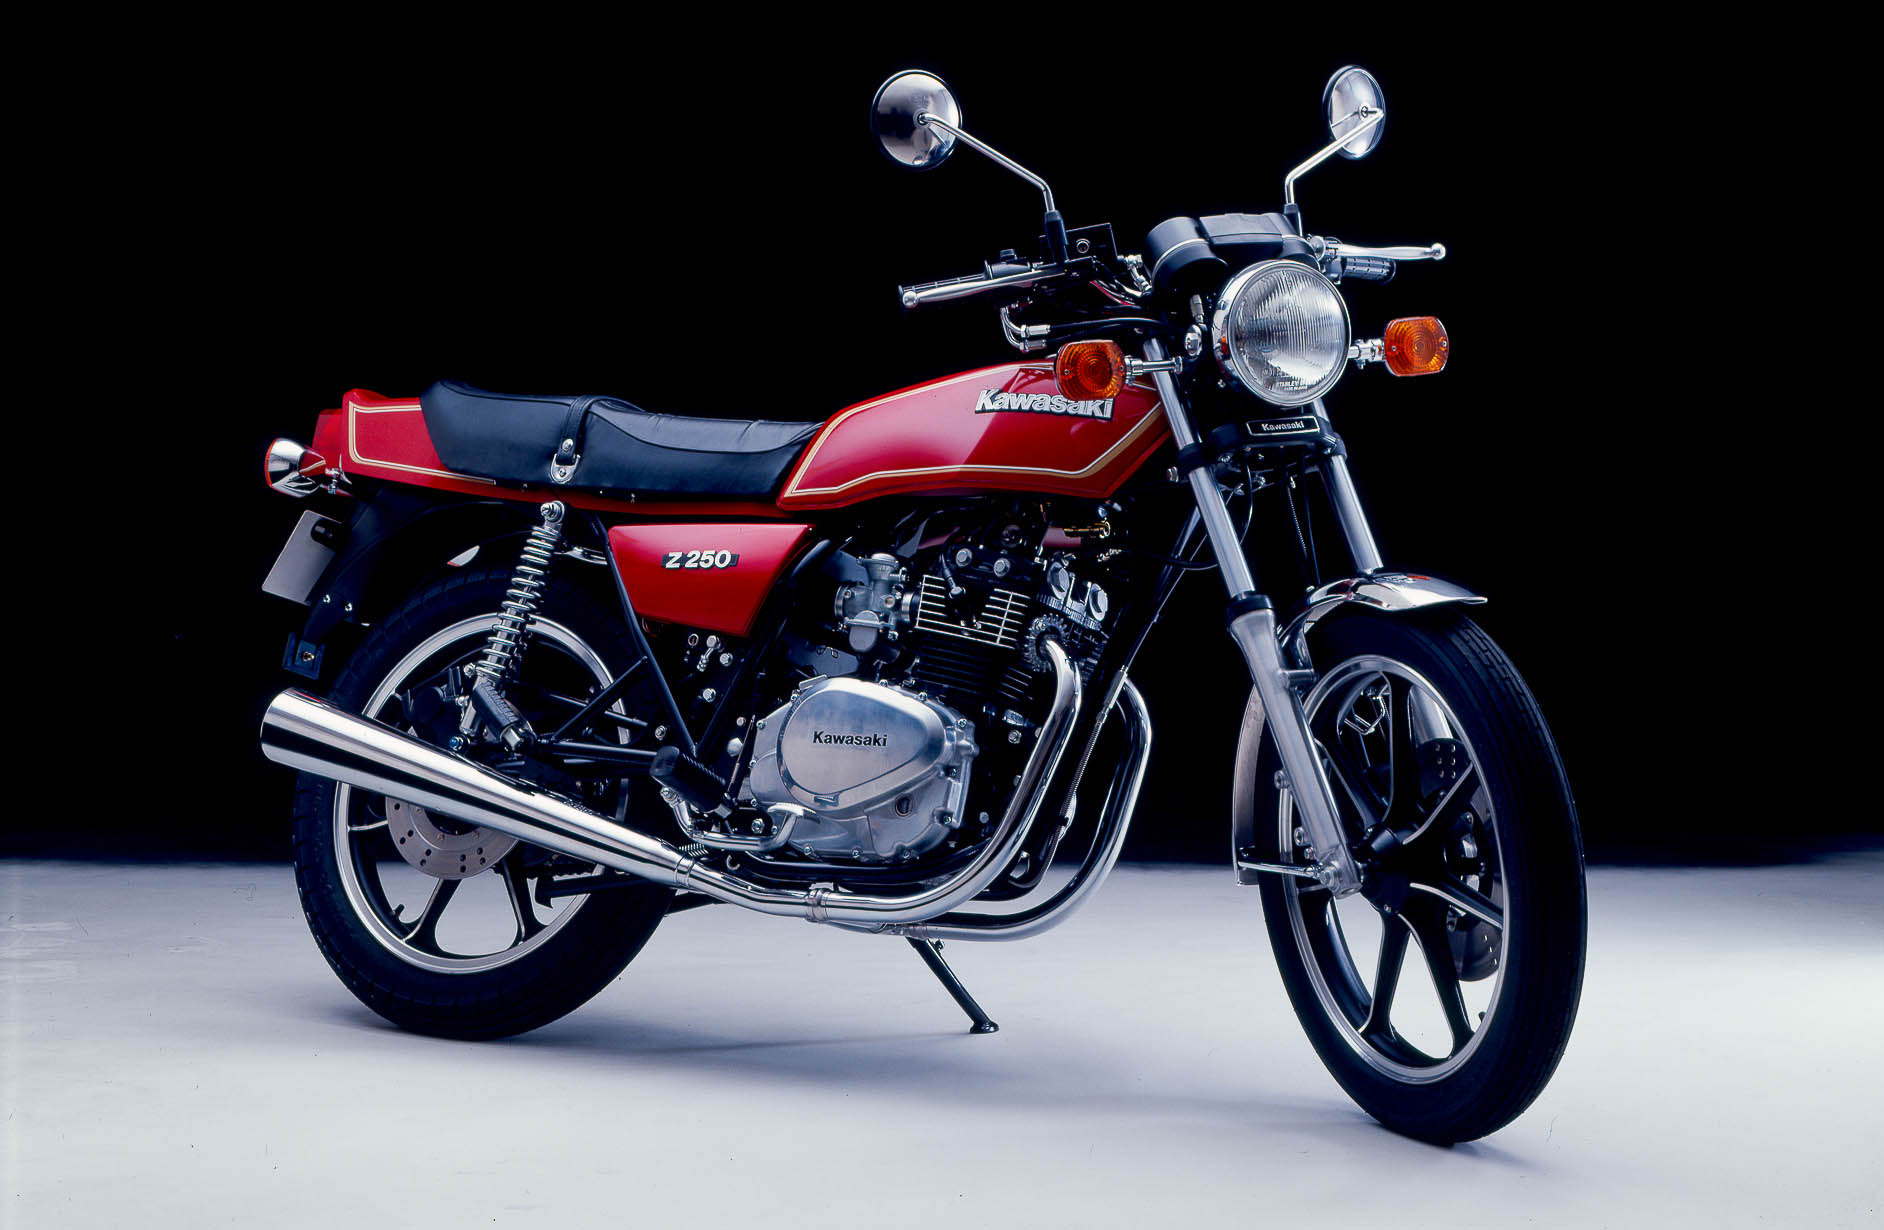 KAWASAKI Z 250 (1978-1982)